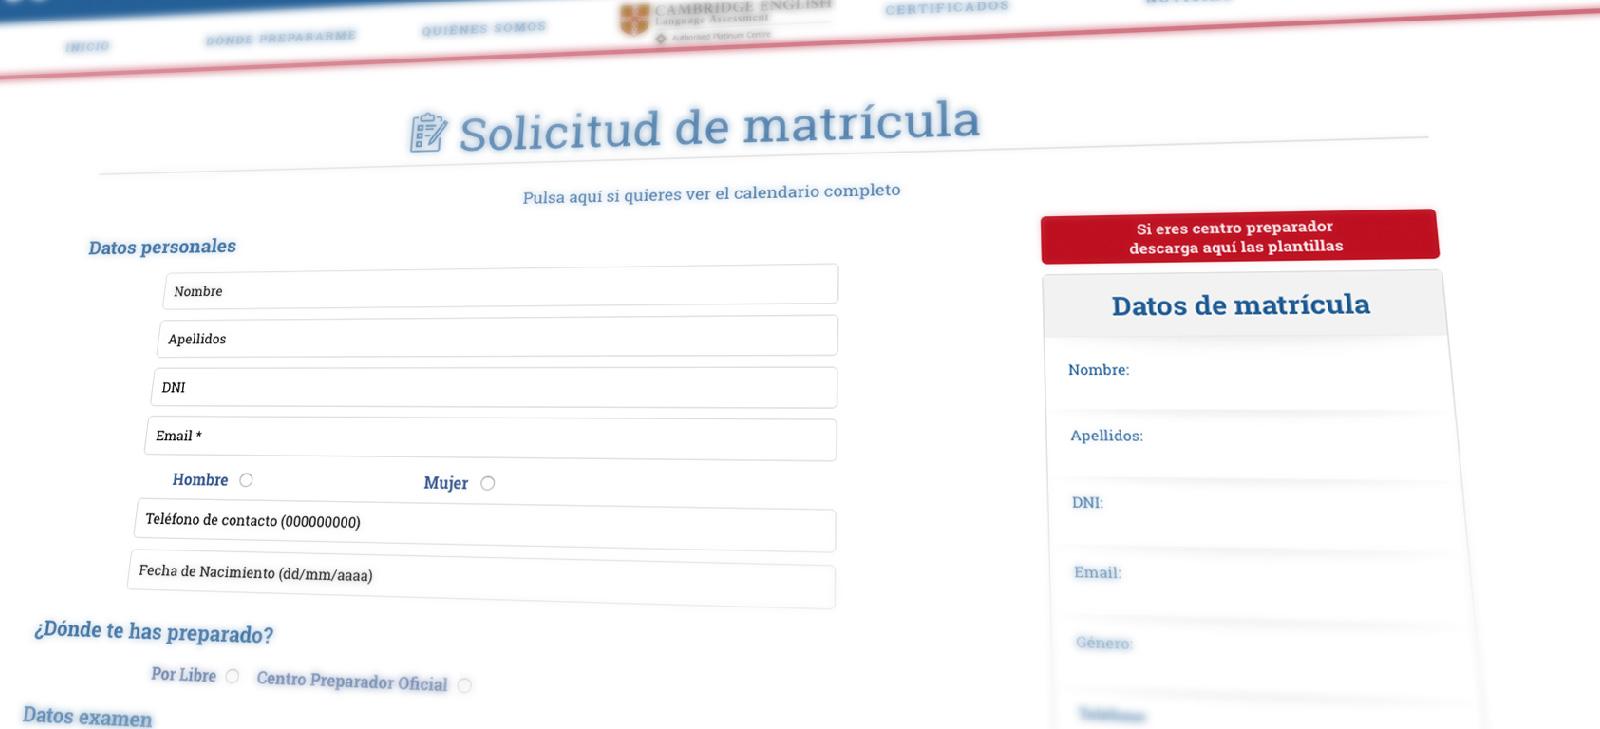 Proceso de matriculación de Exams Andalucía, uno de los proyectos destacados de Grupo Winecta